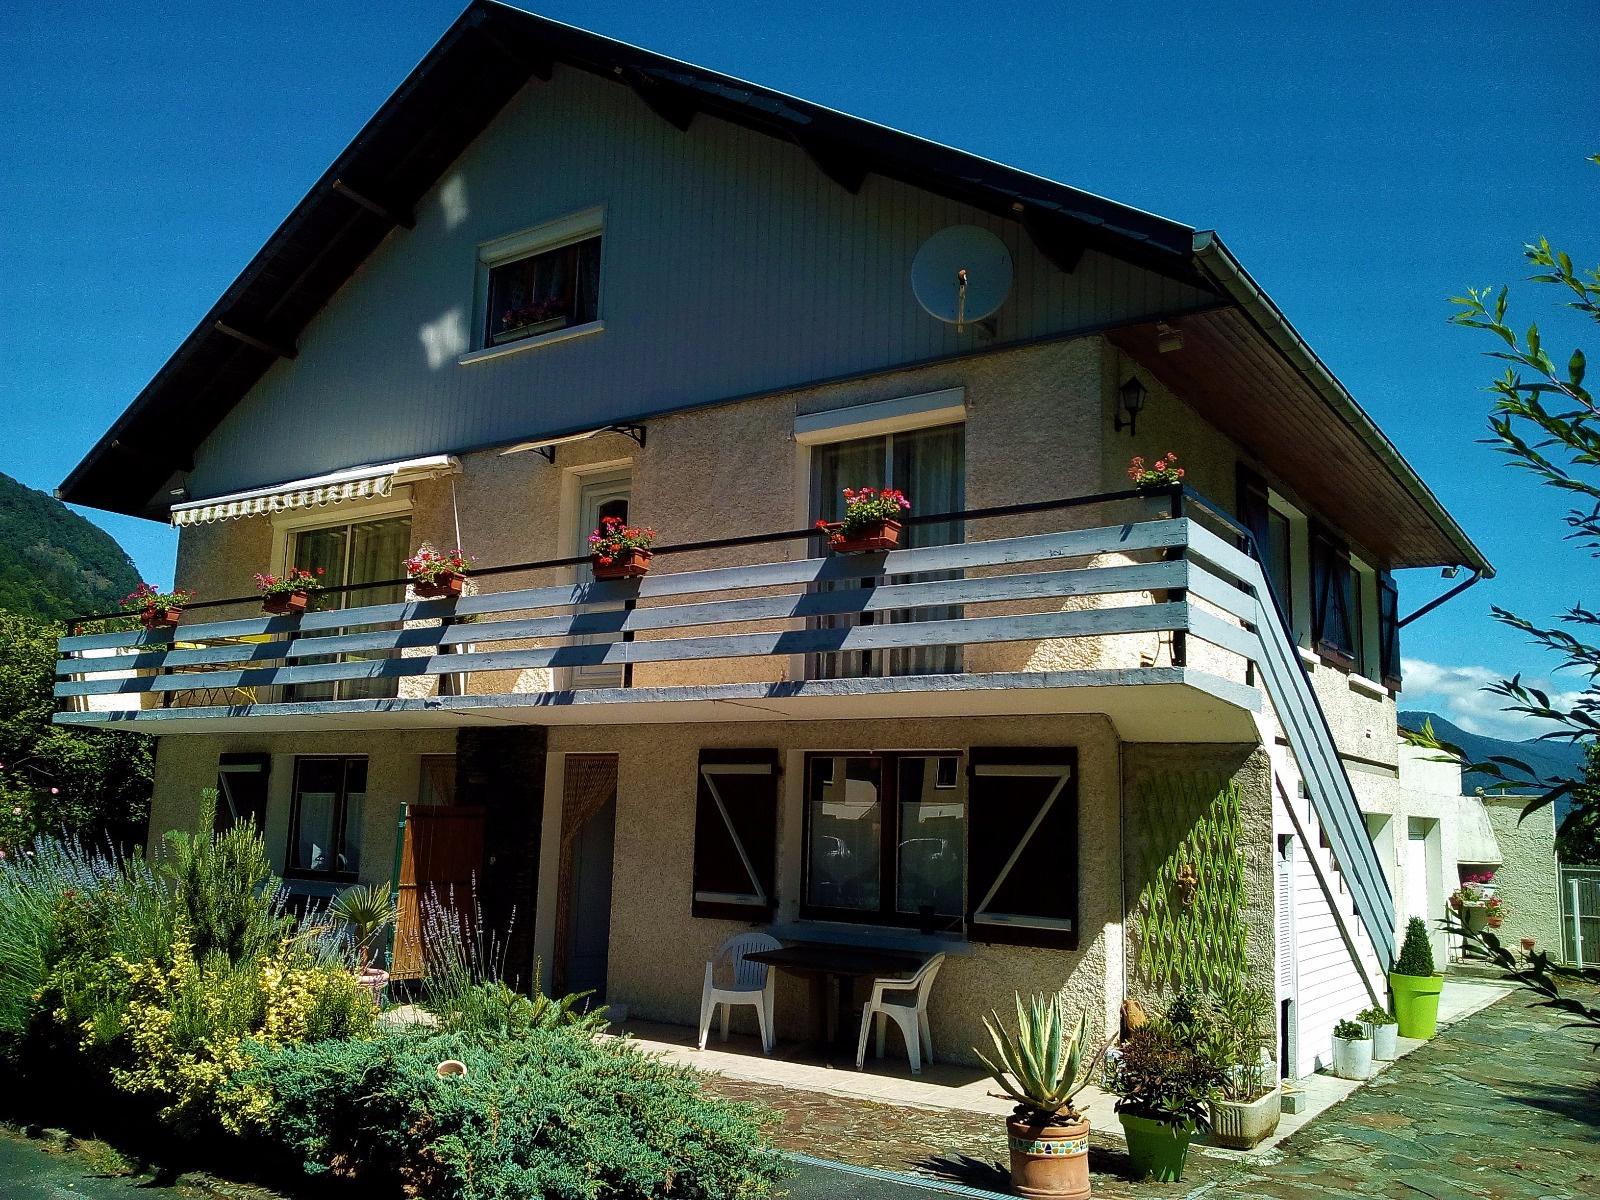 annonce vente maison bagn res de luchon 31110 206 m 369 000 992739277256. Black Bedroom Furniture Sets. Home Design Ideas